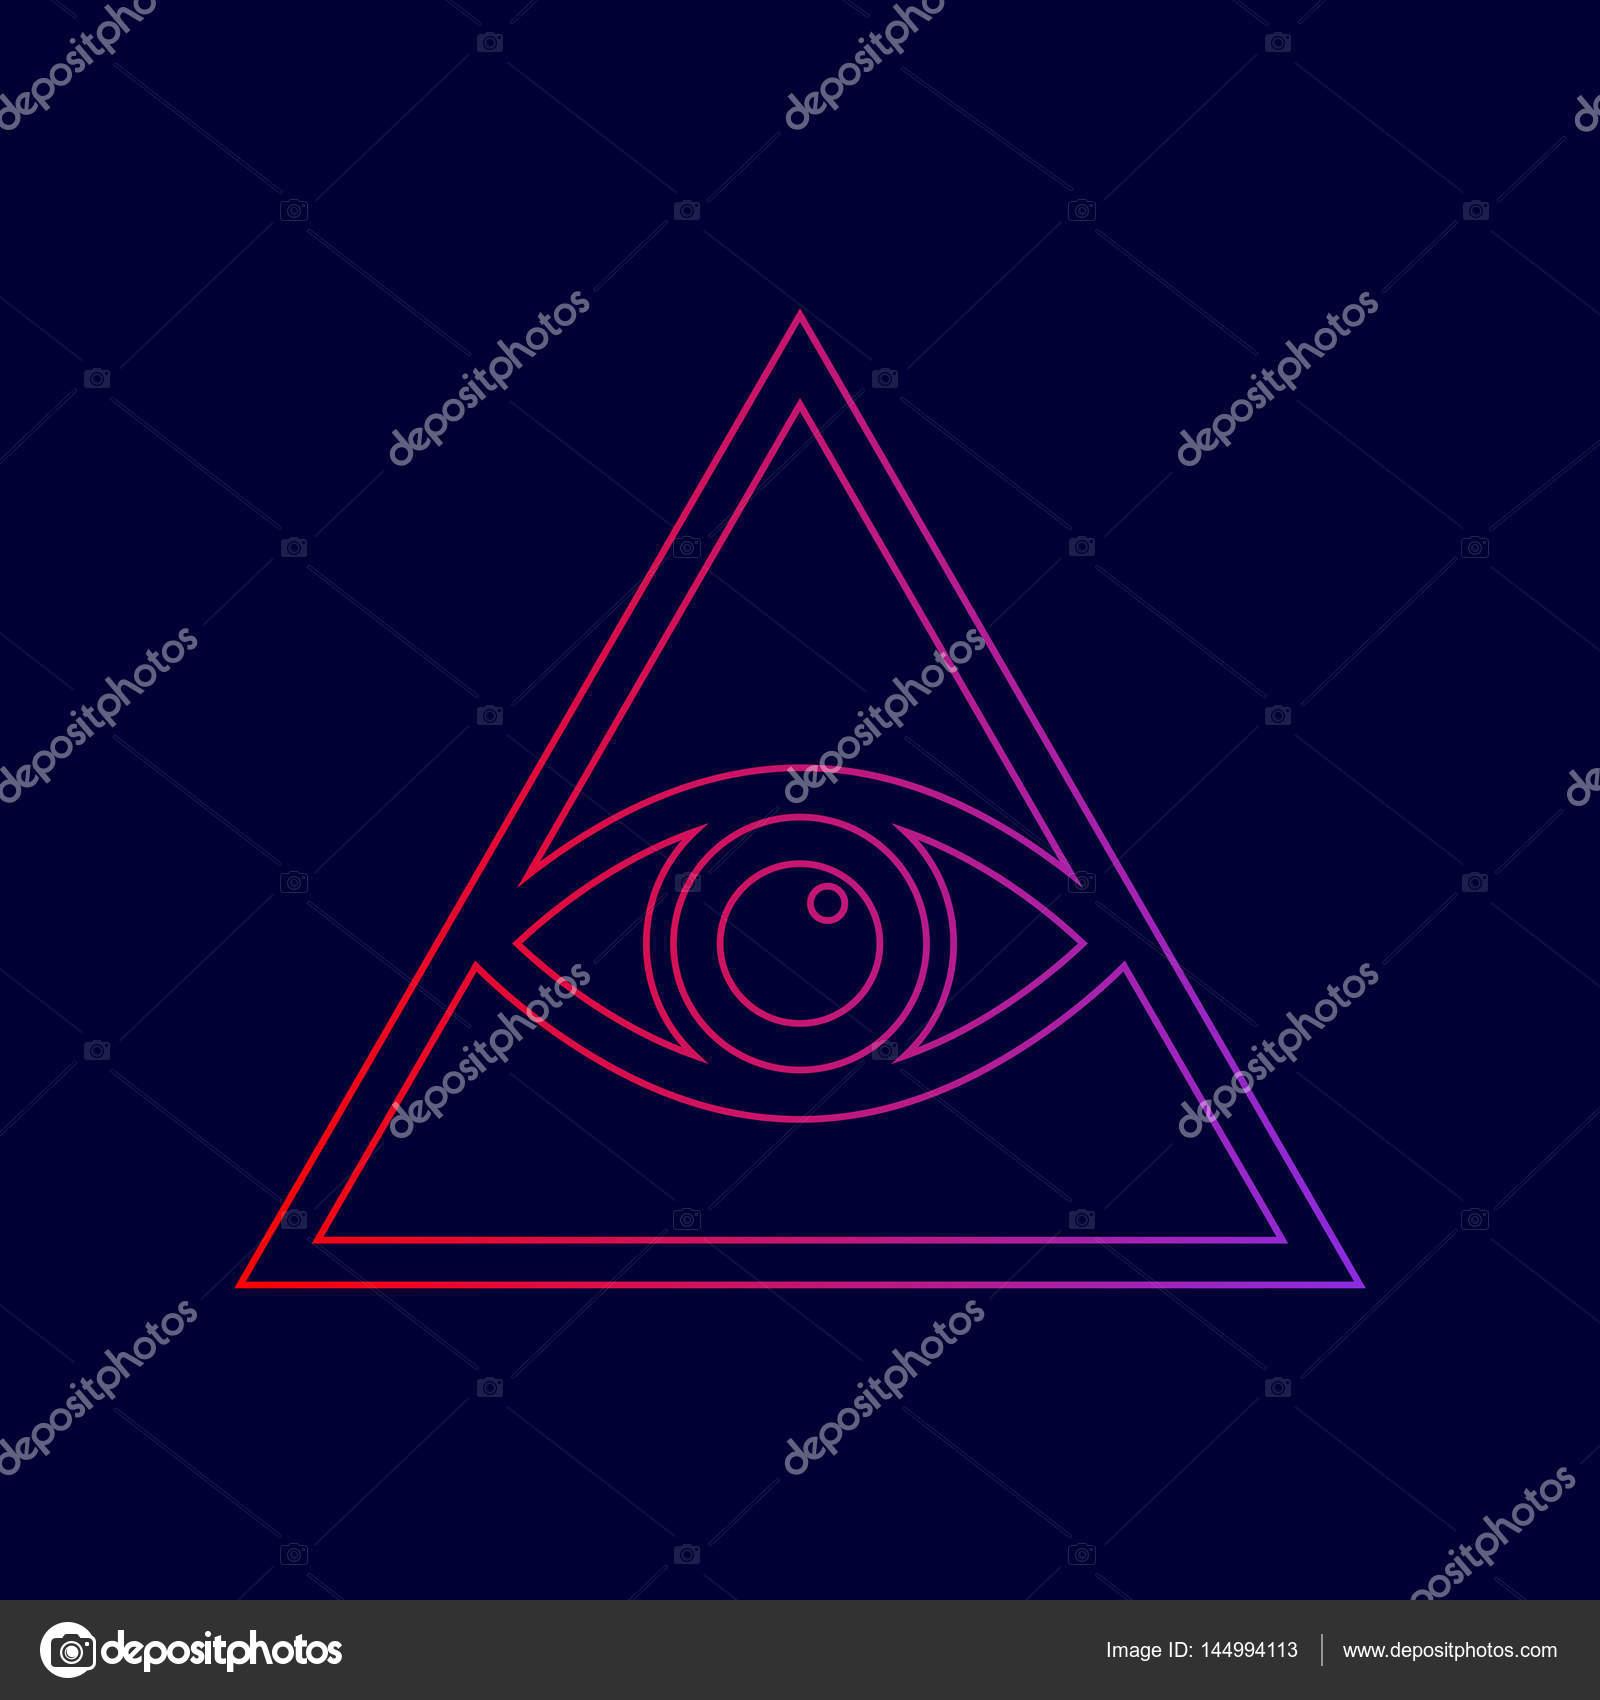 8c035c3c96beb Ver todo símbolo de la pirámide de ojo. Francmasón y espiritual. Vector.  Icono de línea con degradado de rojo a violetas colores sobre fondo azul  oscuro ...